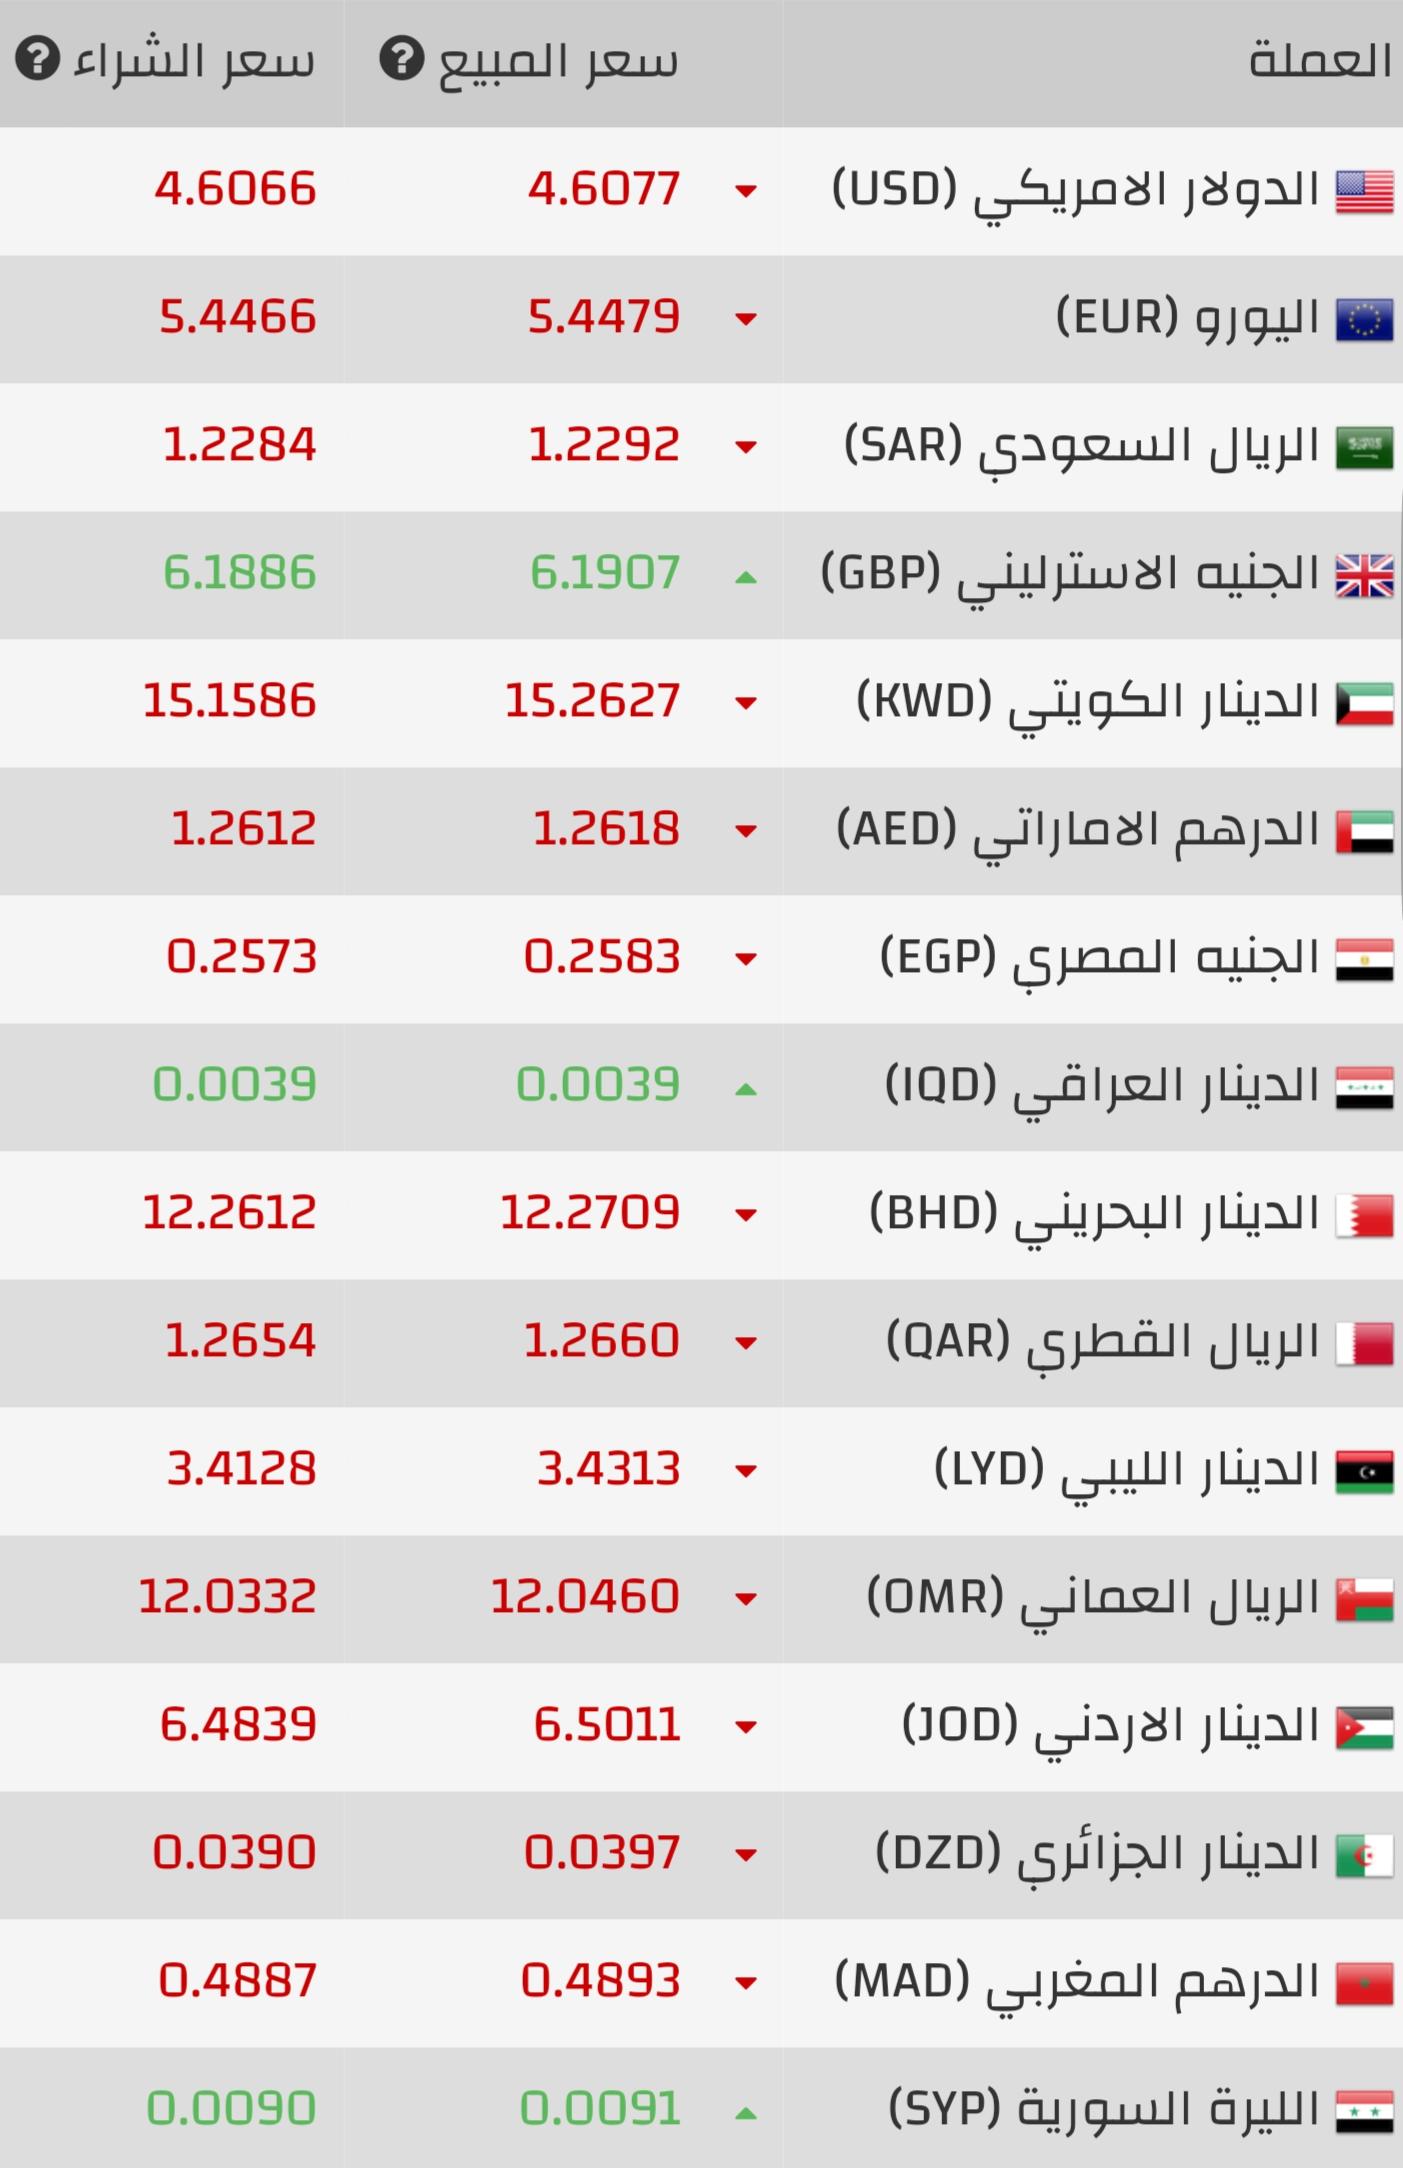 ارتفاع في سعر صرف الليرة التركية مقابل الدولار الآن تركيا بالعربي